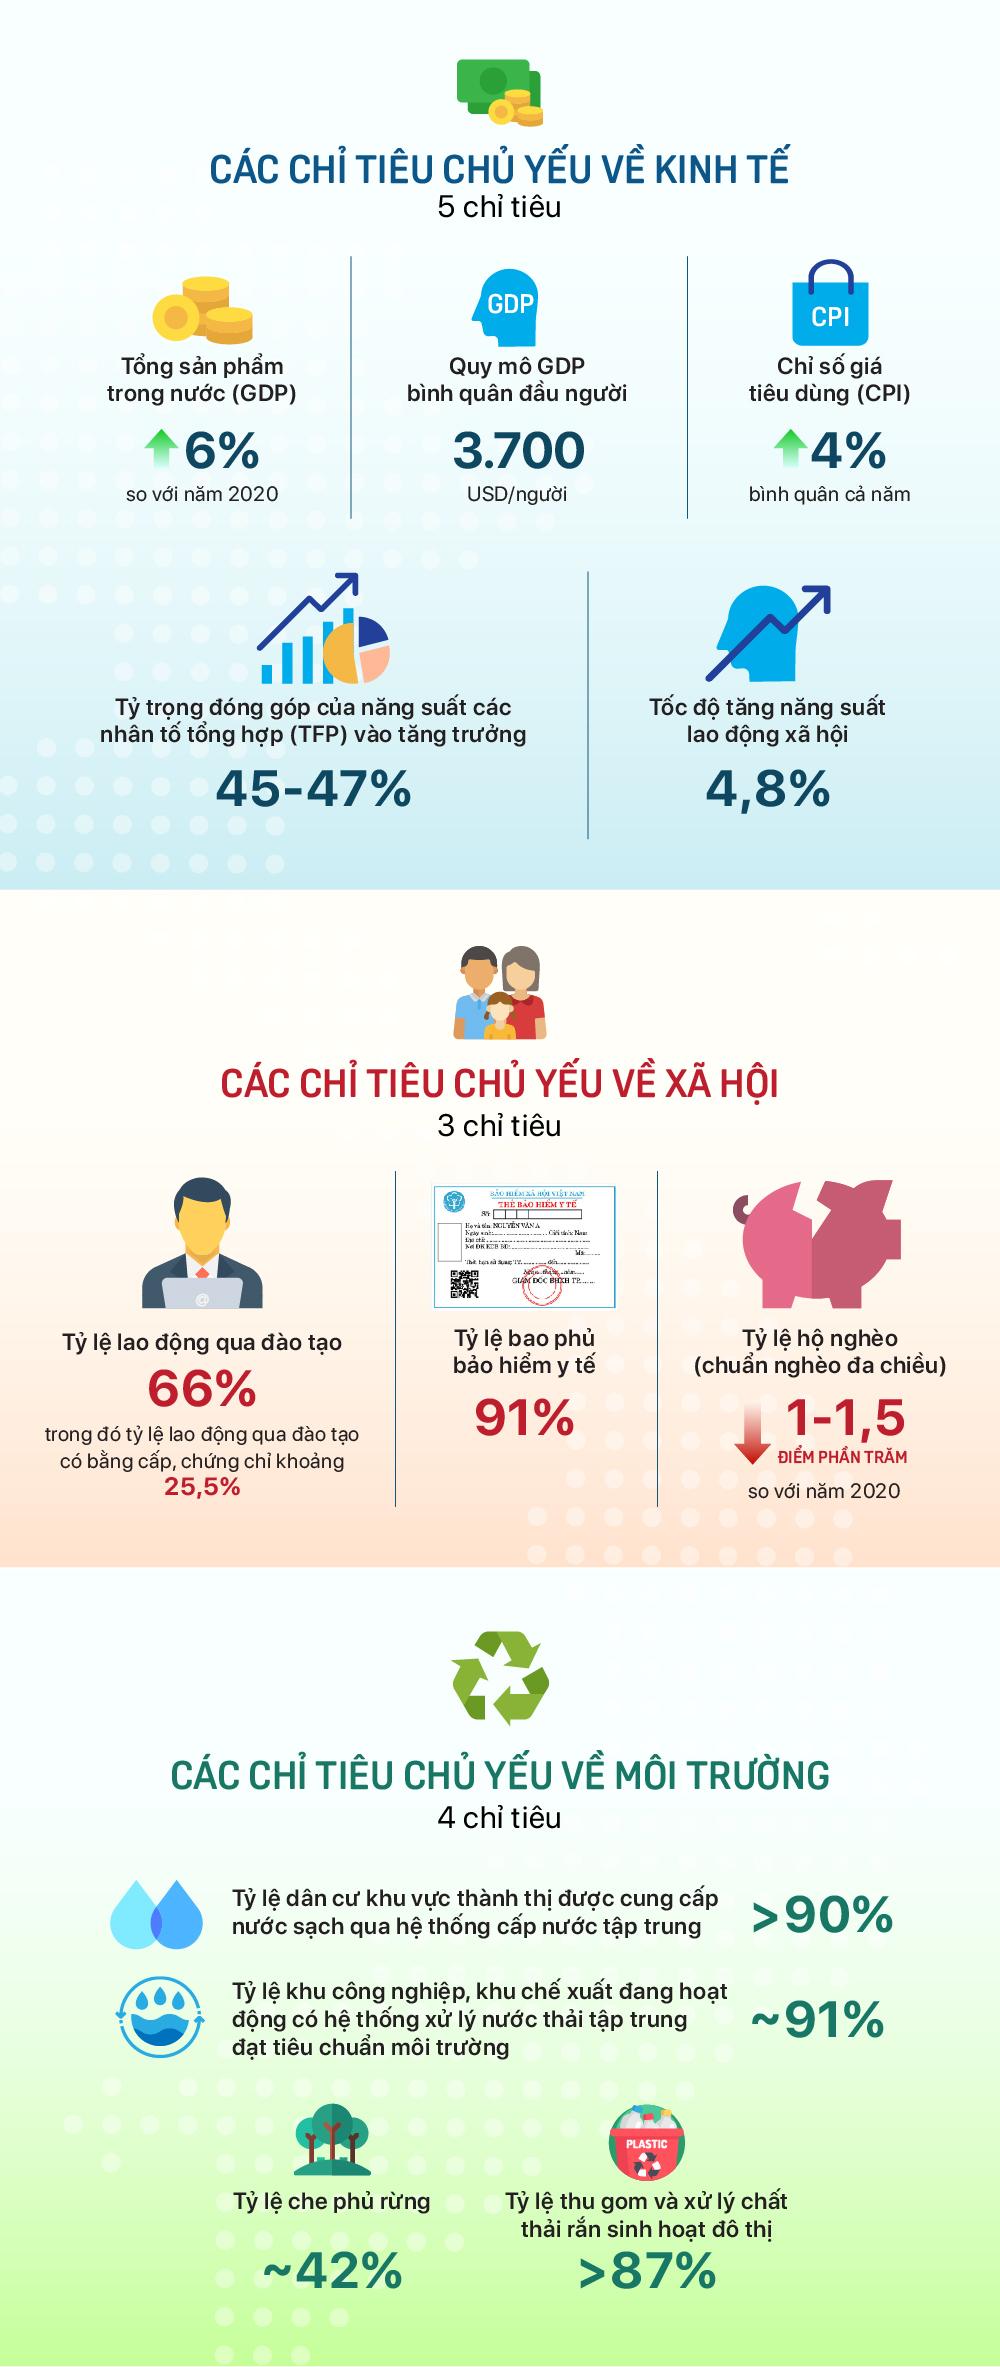 12 mục tiêu phát triển kinh tế xã hội của Việt Nam năm 2021 - Ảnh 1.